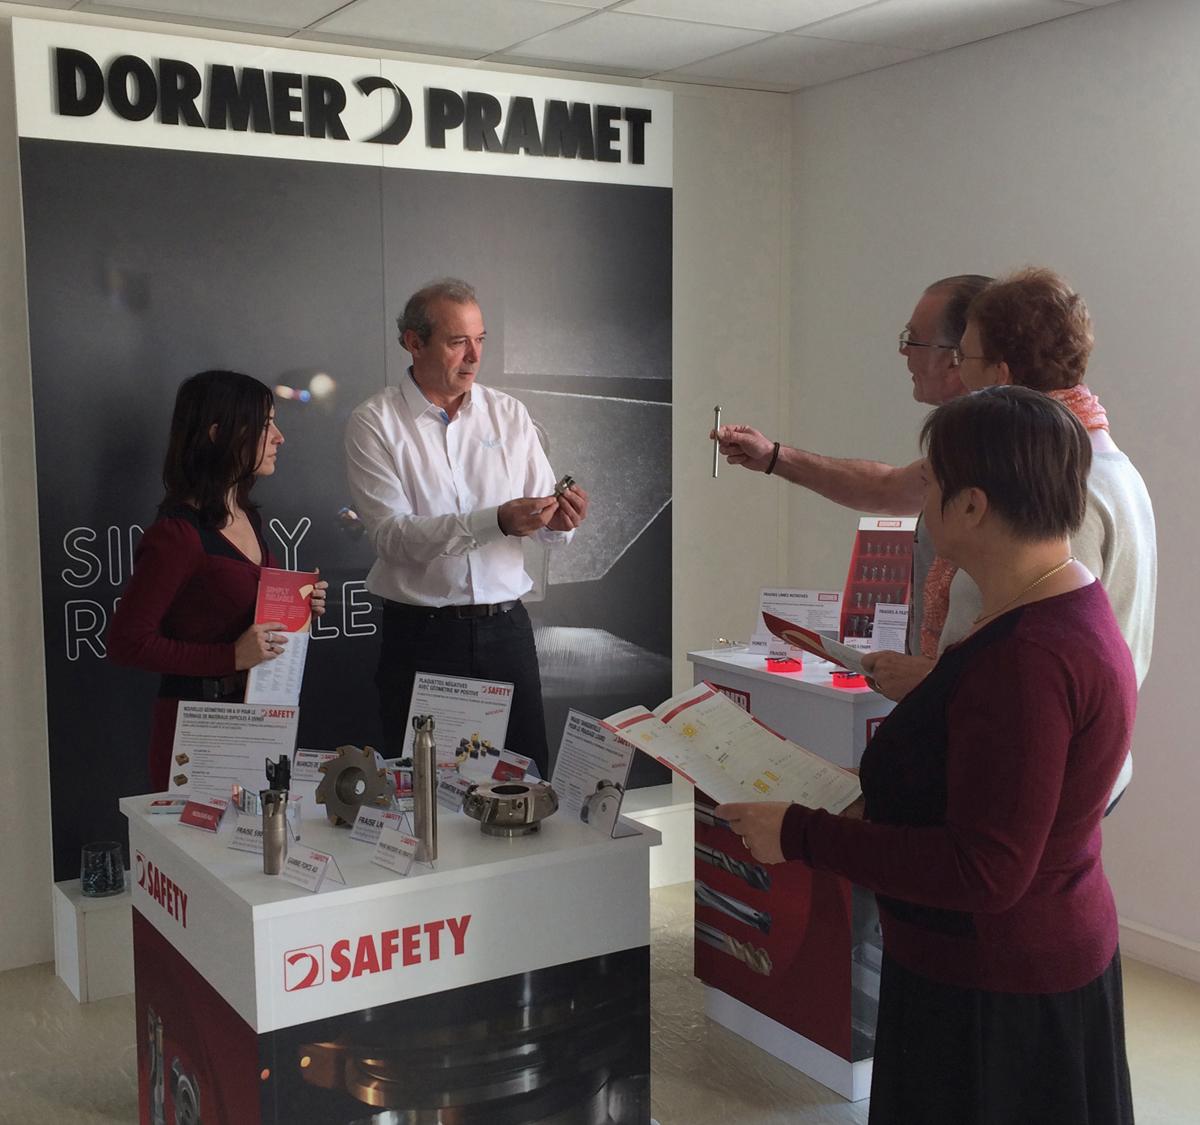 Dormer, Pramet et Safety unissent leurs forces en France ...